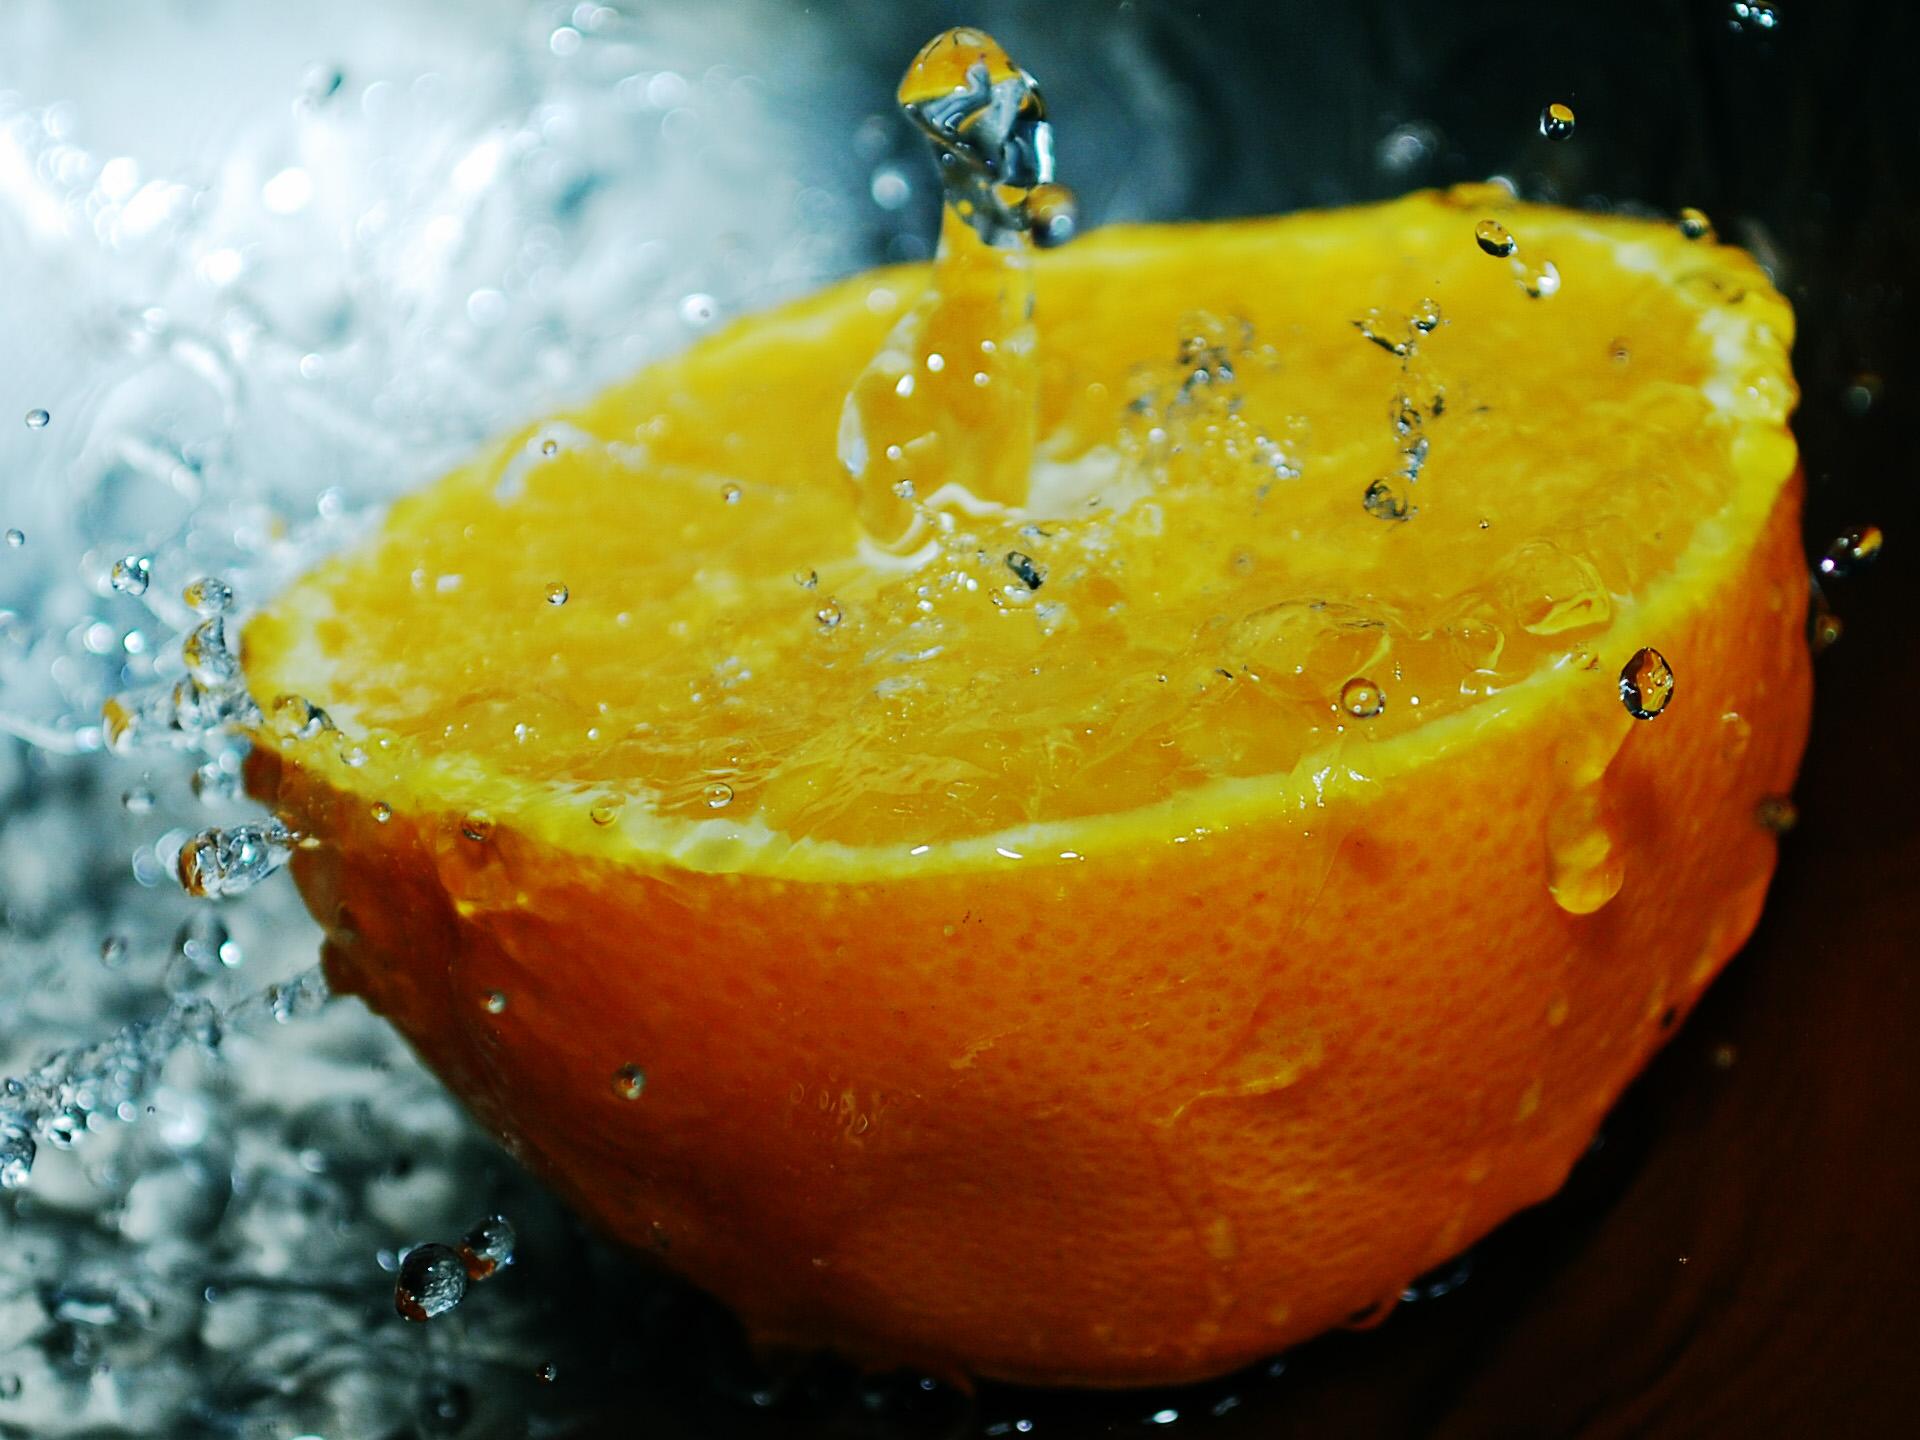 Food - Orange  Fruit Orange (fruit) Water Wallpaper